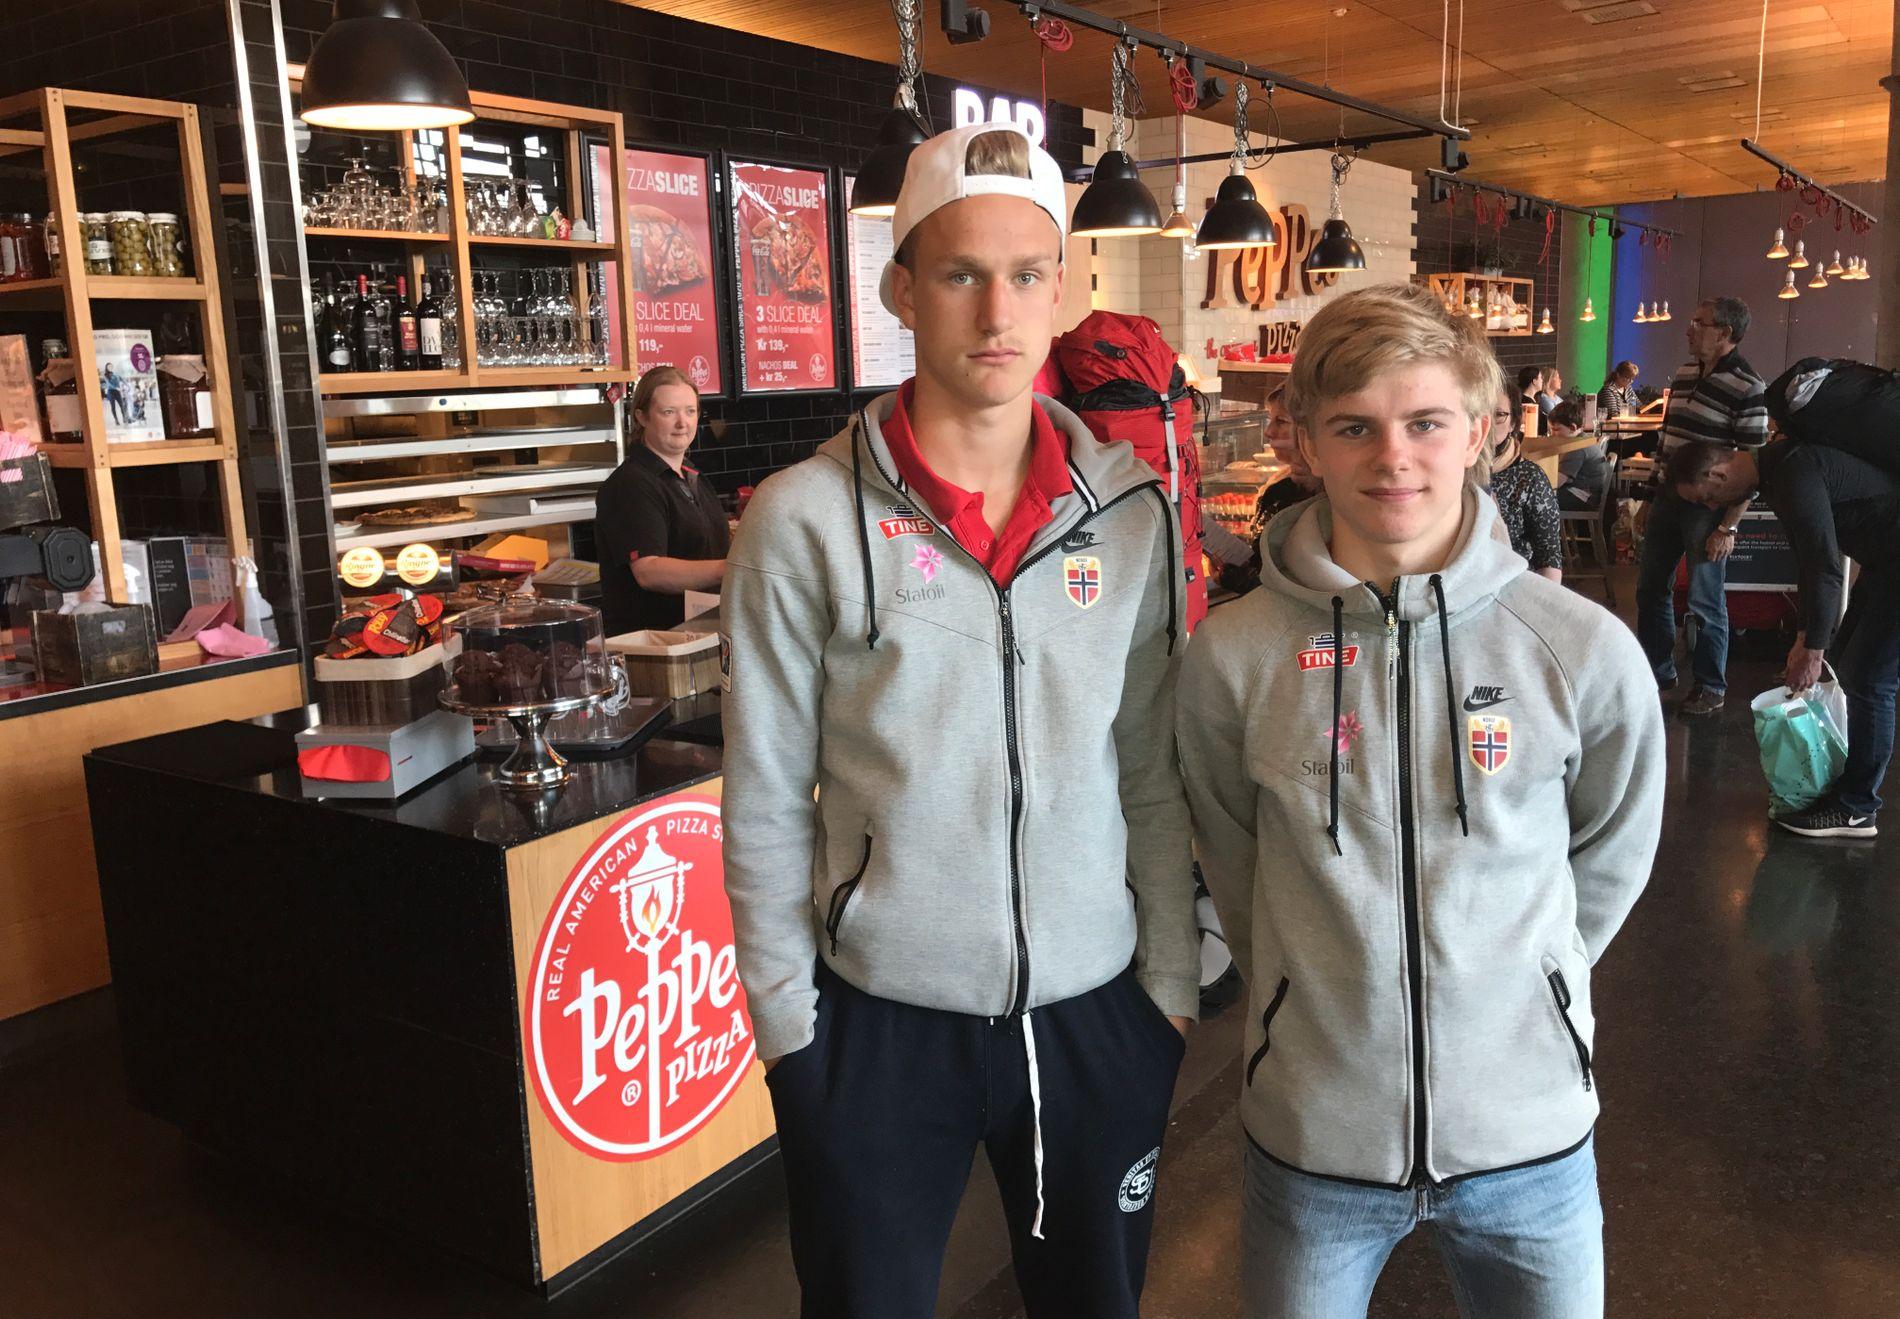 EM-KLARE: Erik Botheim (17) og Edvard Sandvik Tagseth (16) er blant profilene som skal lede Norge i U17-EM i Kroatia.